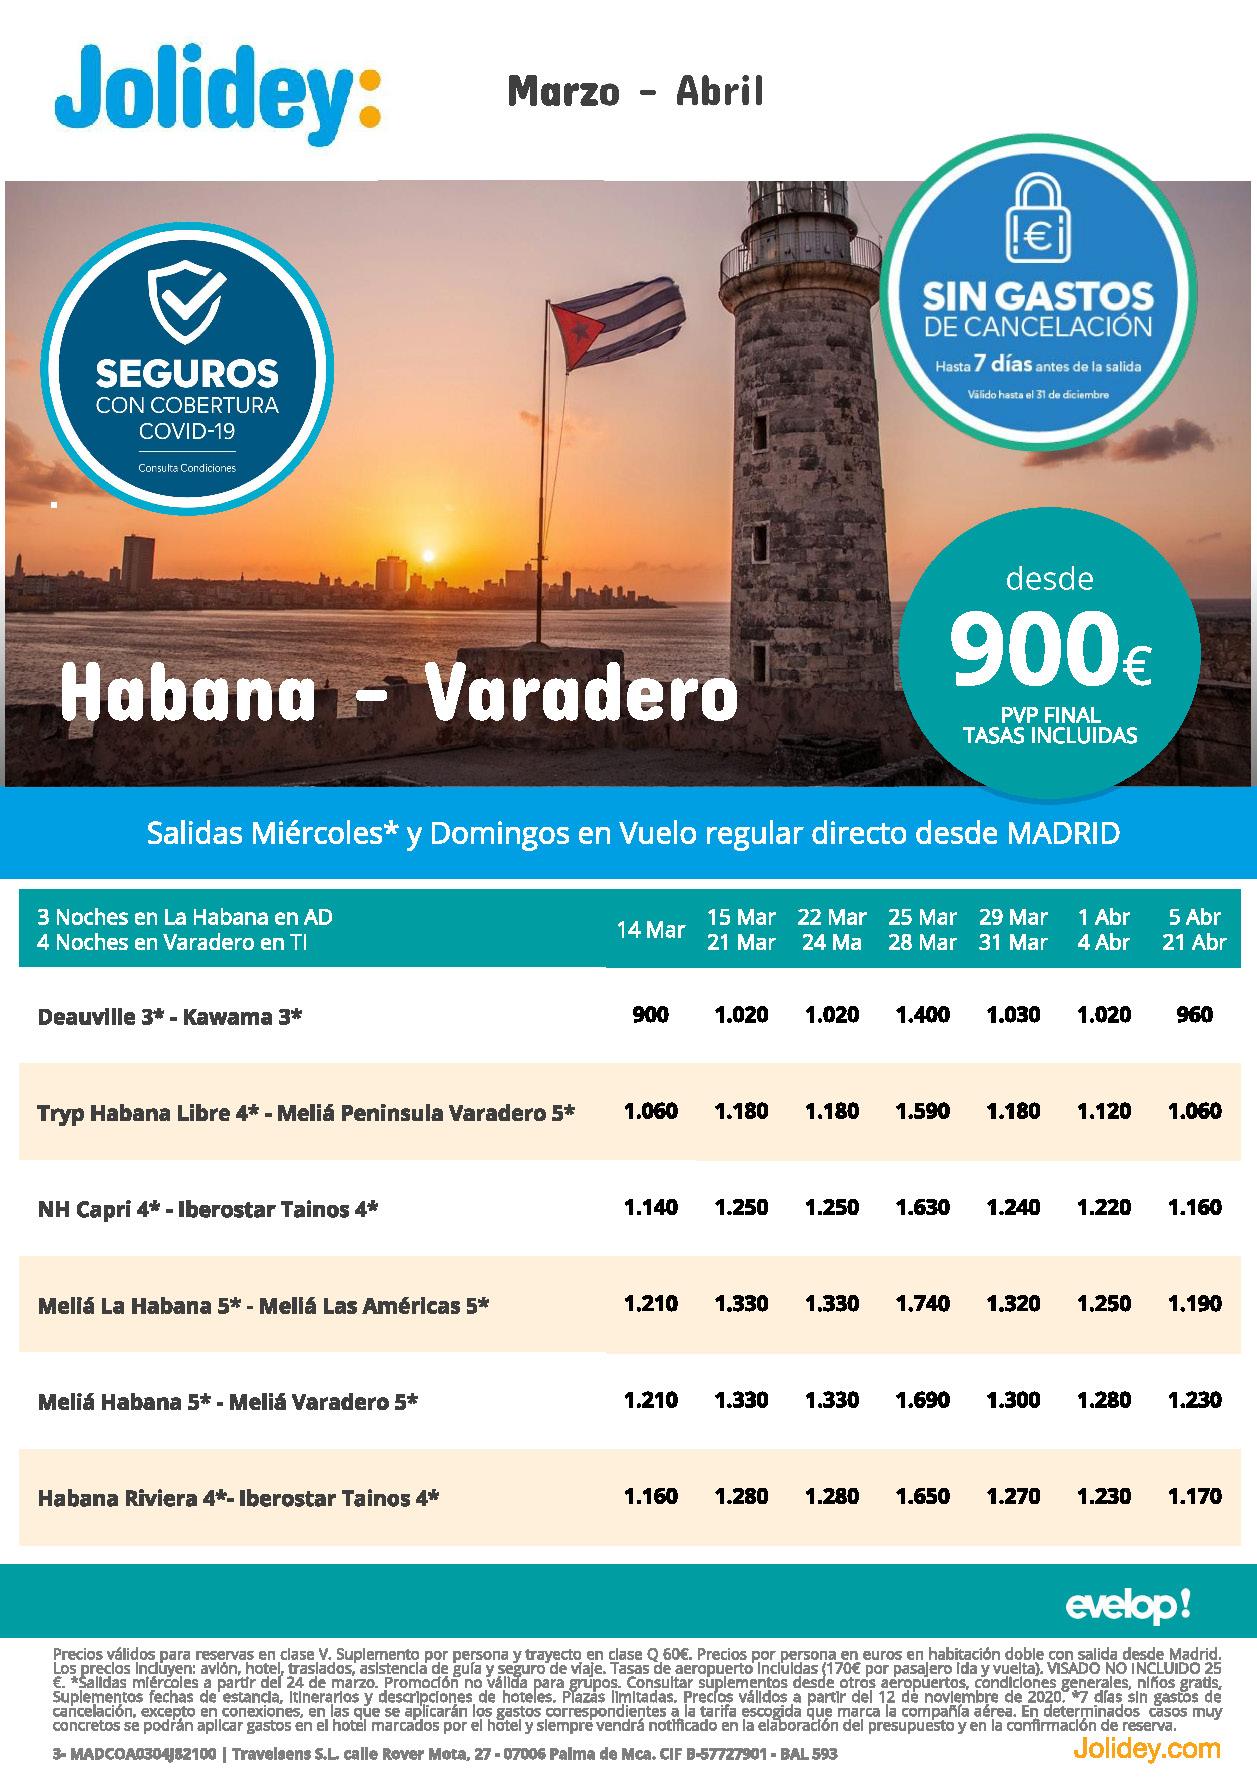 Oferta Jolidey Combinados La Habana-Varadero Marzo-Abril 2021 vuelo directo desde Madrid